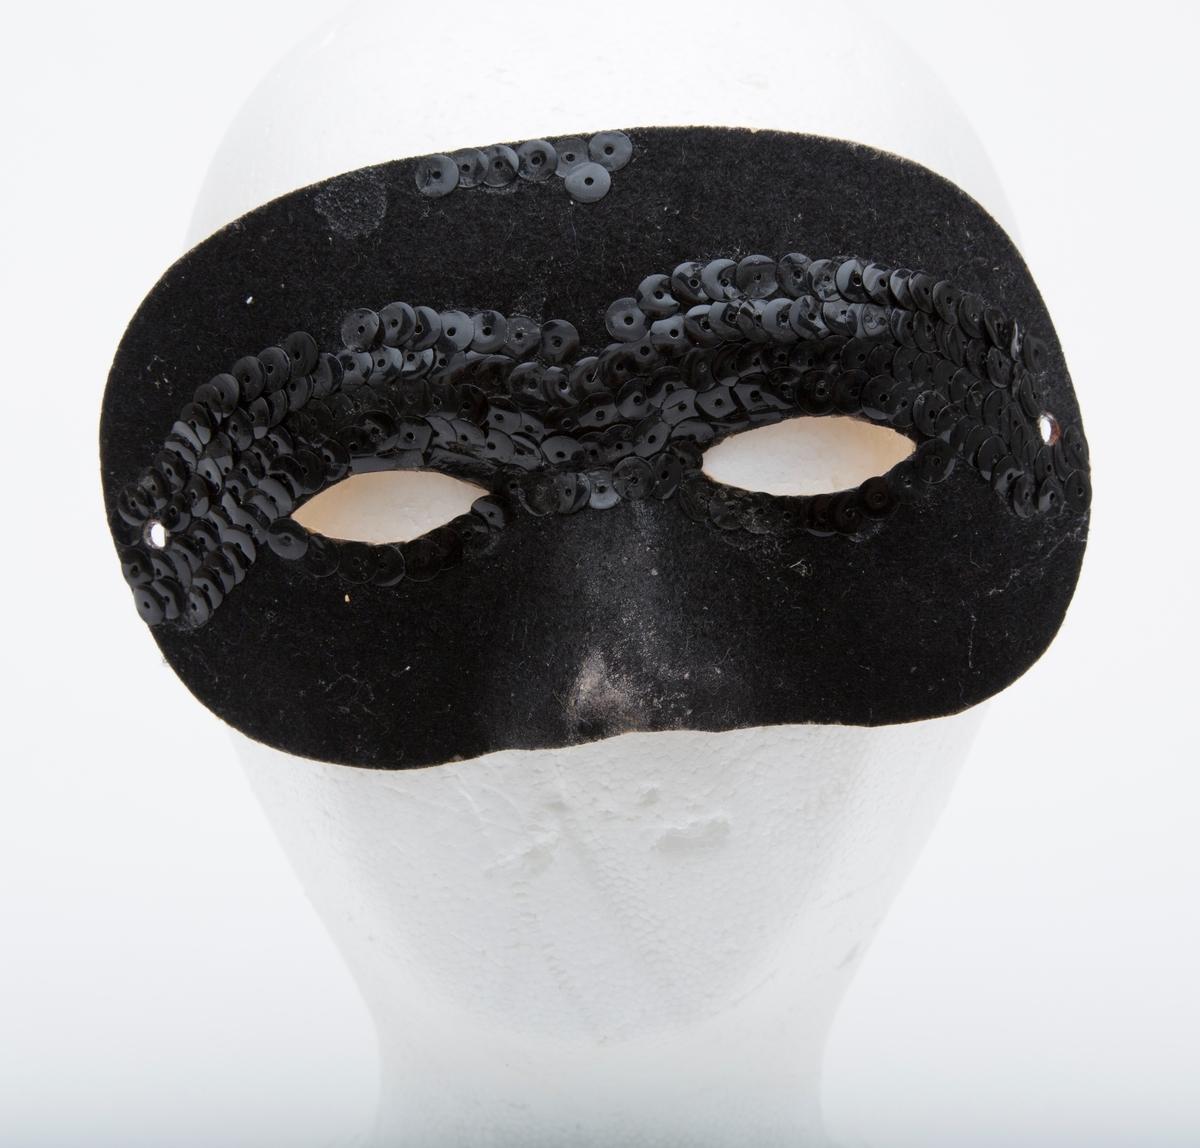 Liten karnevalsmaske med festesnor. Delvis dekket med sorte paljetter.